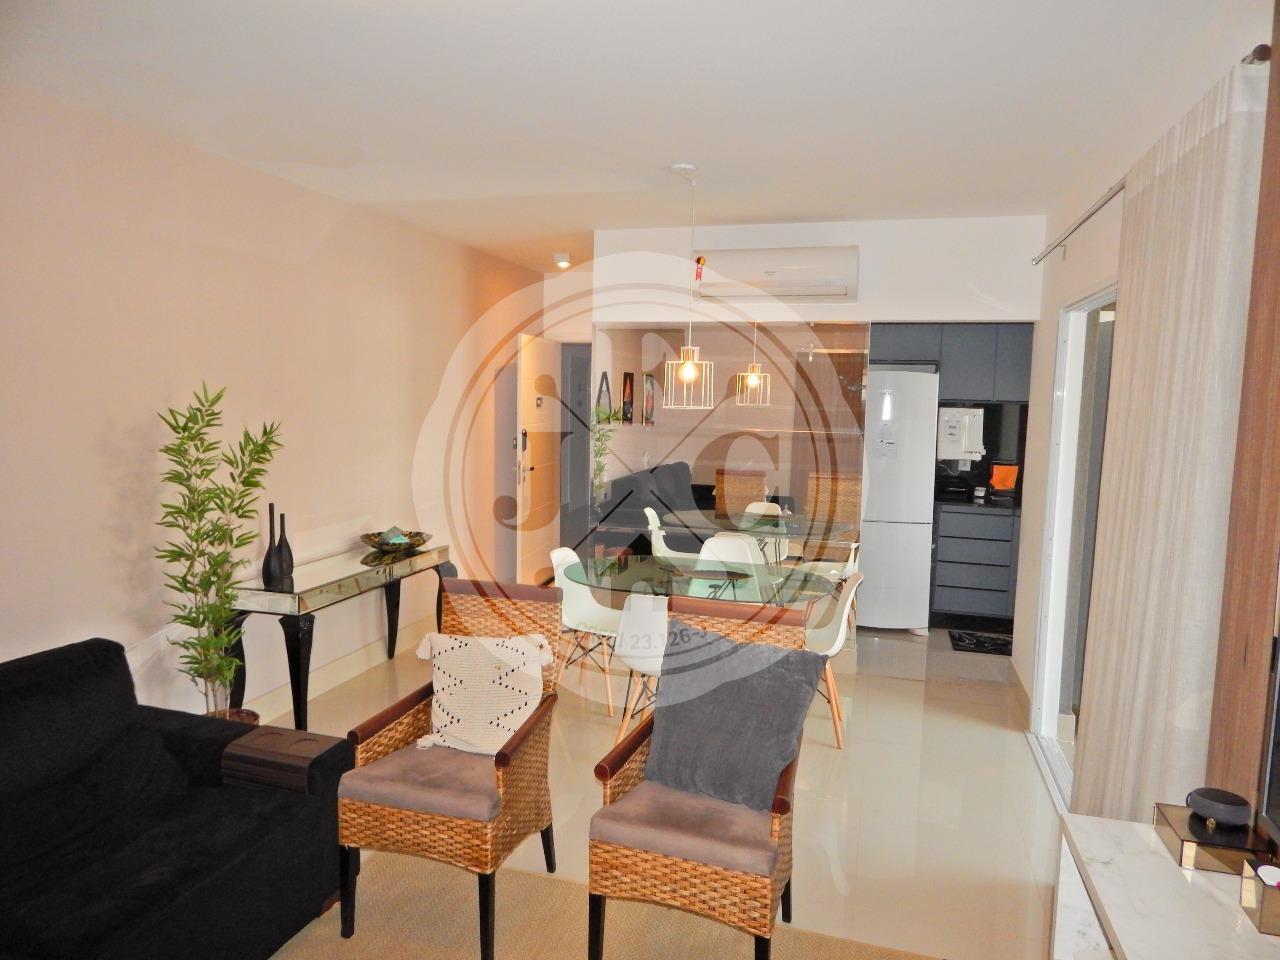 Exclusivo apartamento mobiliado à venda com 3 dormitórios sendo 1 suíte no Bosque das Juritis.